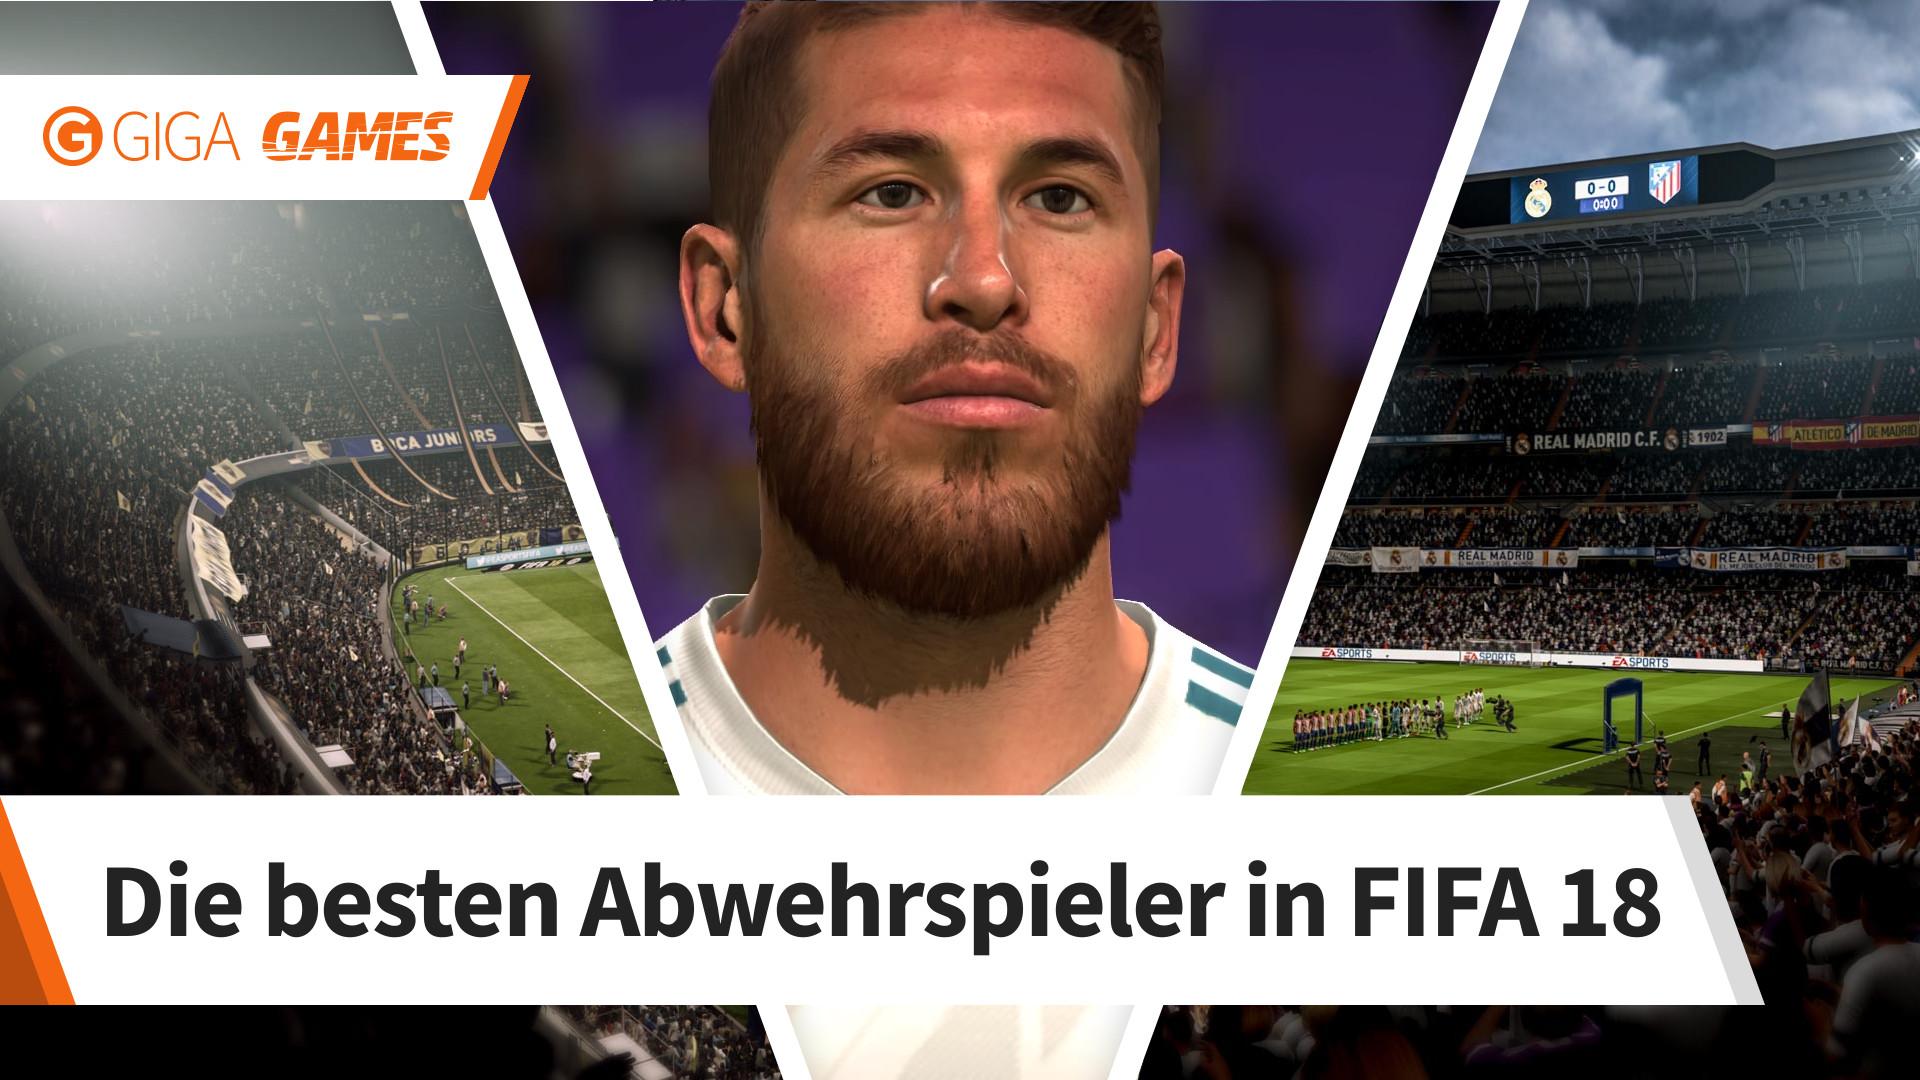 Fifa 18 Die Besten Verteidiger Mit Denen Ihr Die Gegner Stoppt Giga